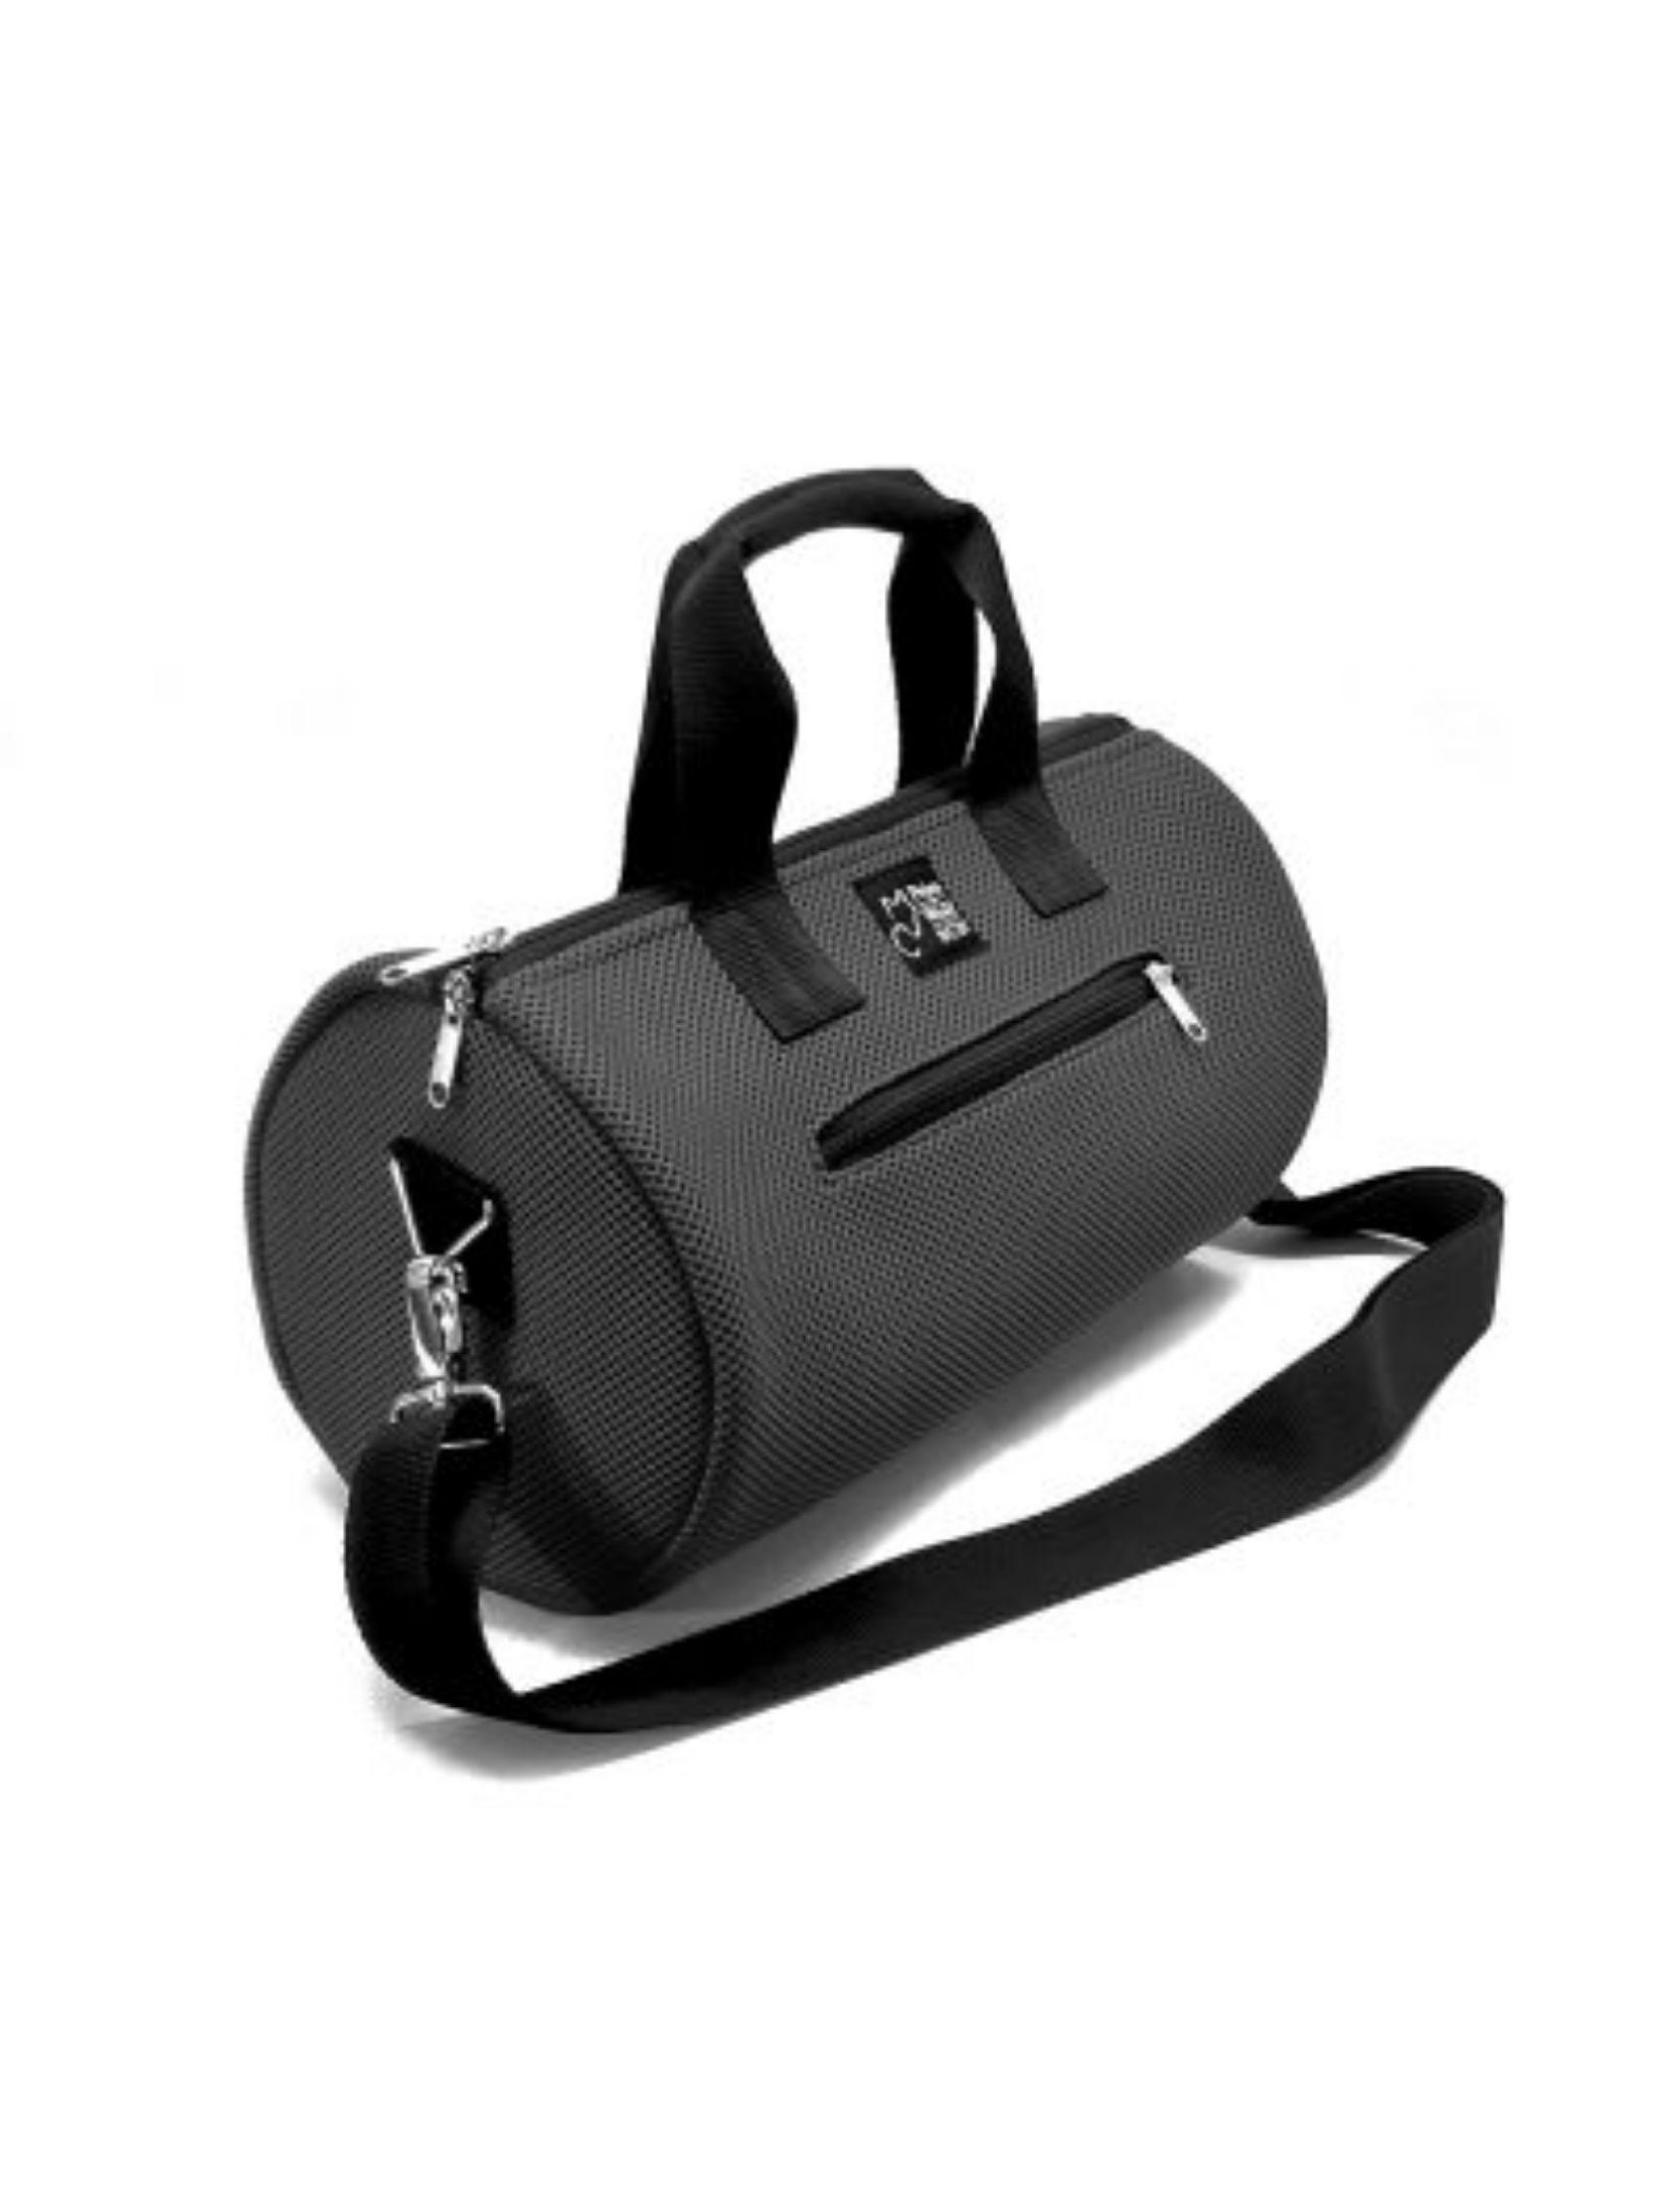 Bolso cilíndrico gris antracita con asa corta y bandolera, realizado en tejido técnico 3D color. Diseñado y fabricado en España, ideal para hacer deporte.